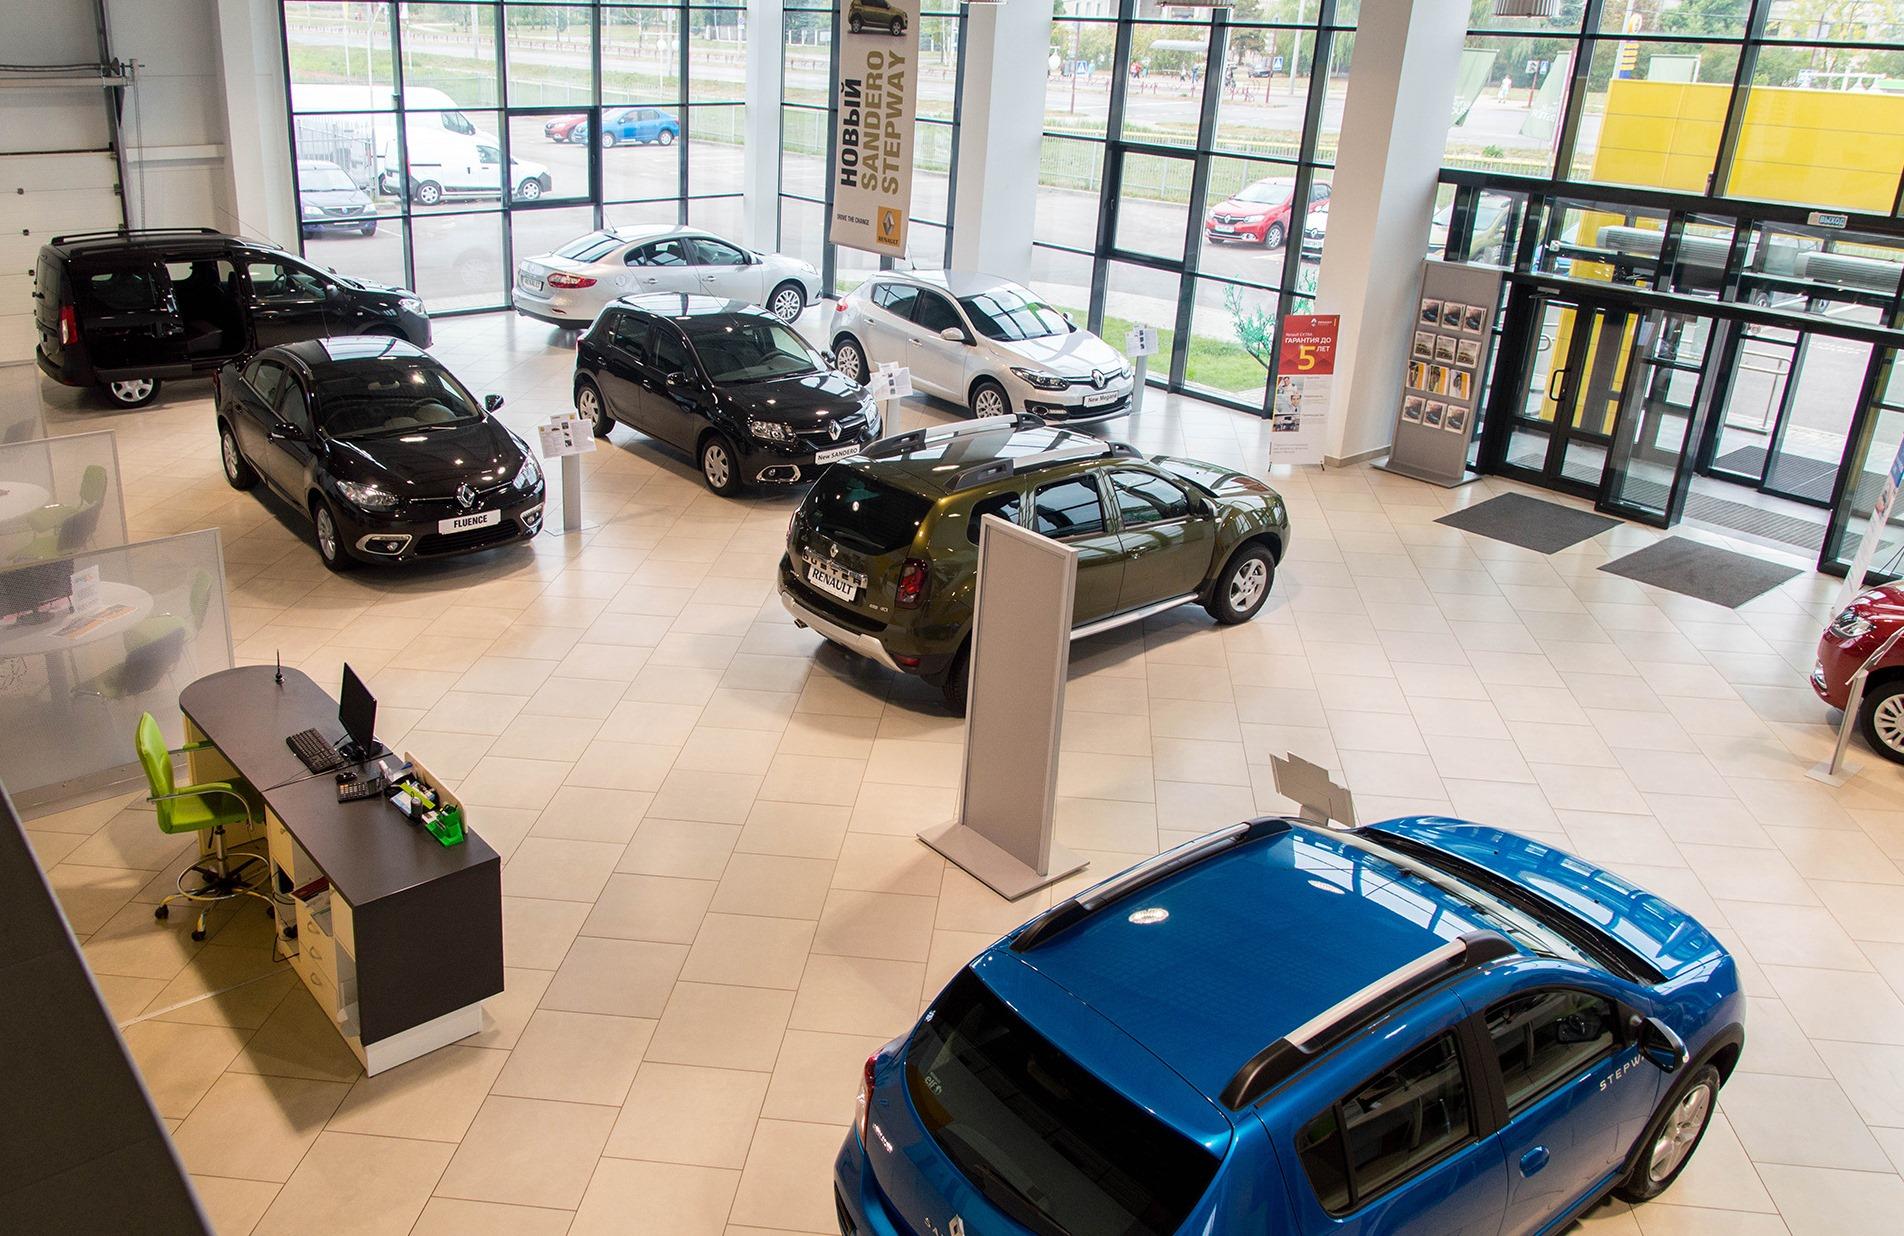 В ноябре спрос на новые легковые автомобили снизился на 4% 1